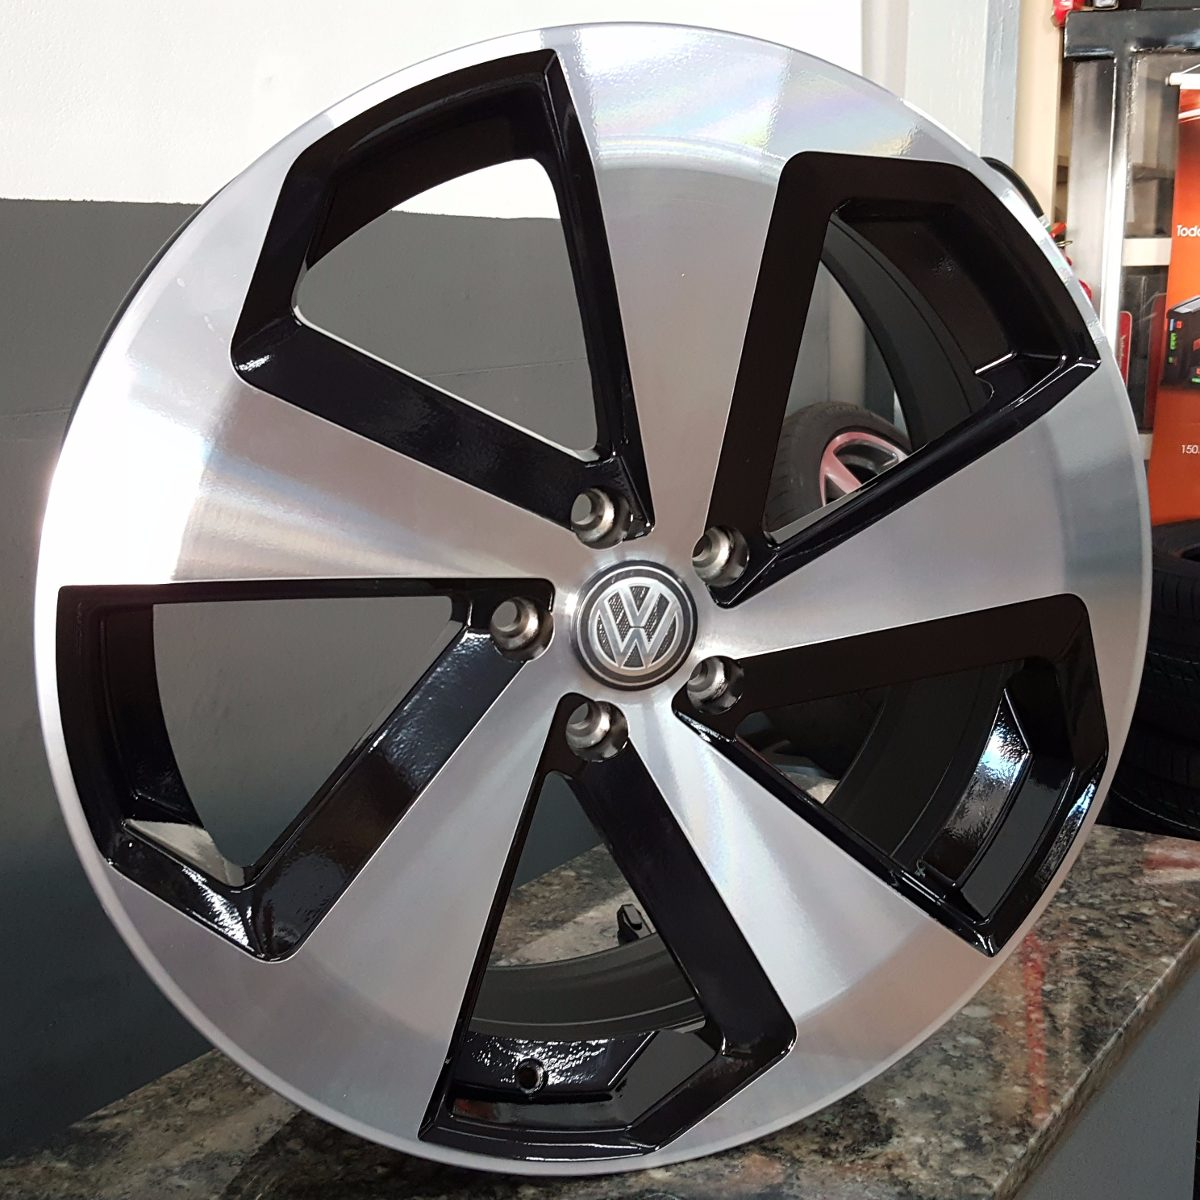 rodas golf gti europeu 17 pneus 205 45 17 novos gol up r em mercado livre. Black Bedroom Furniture Sets. Home Design Ideas